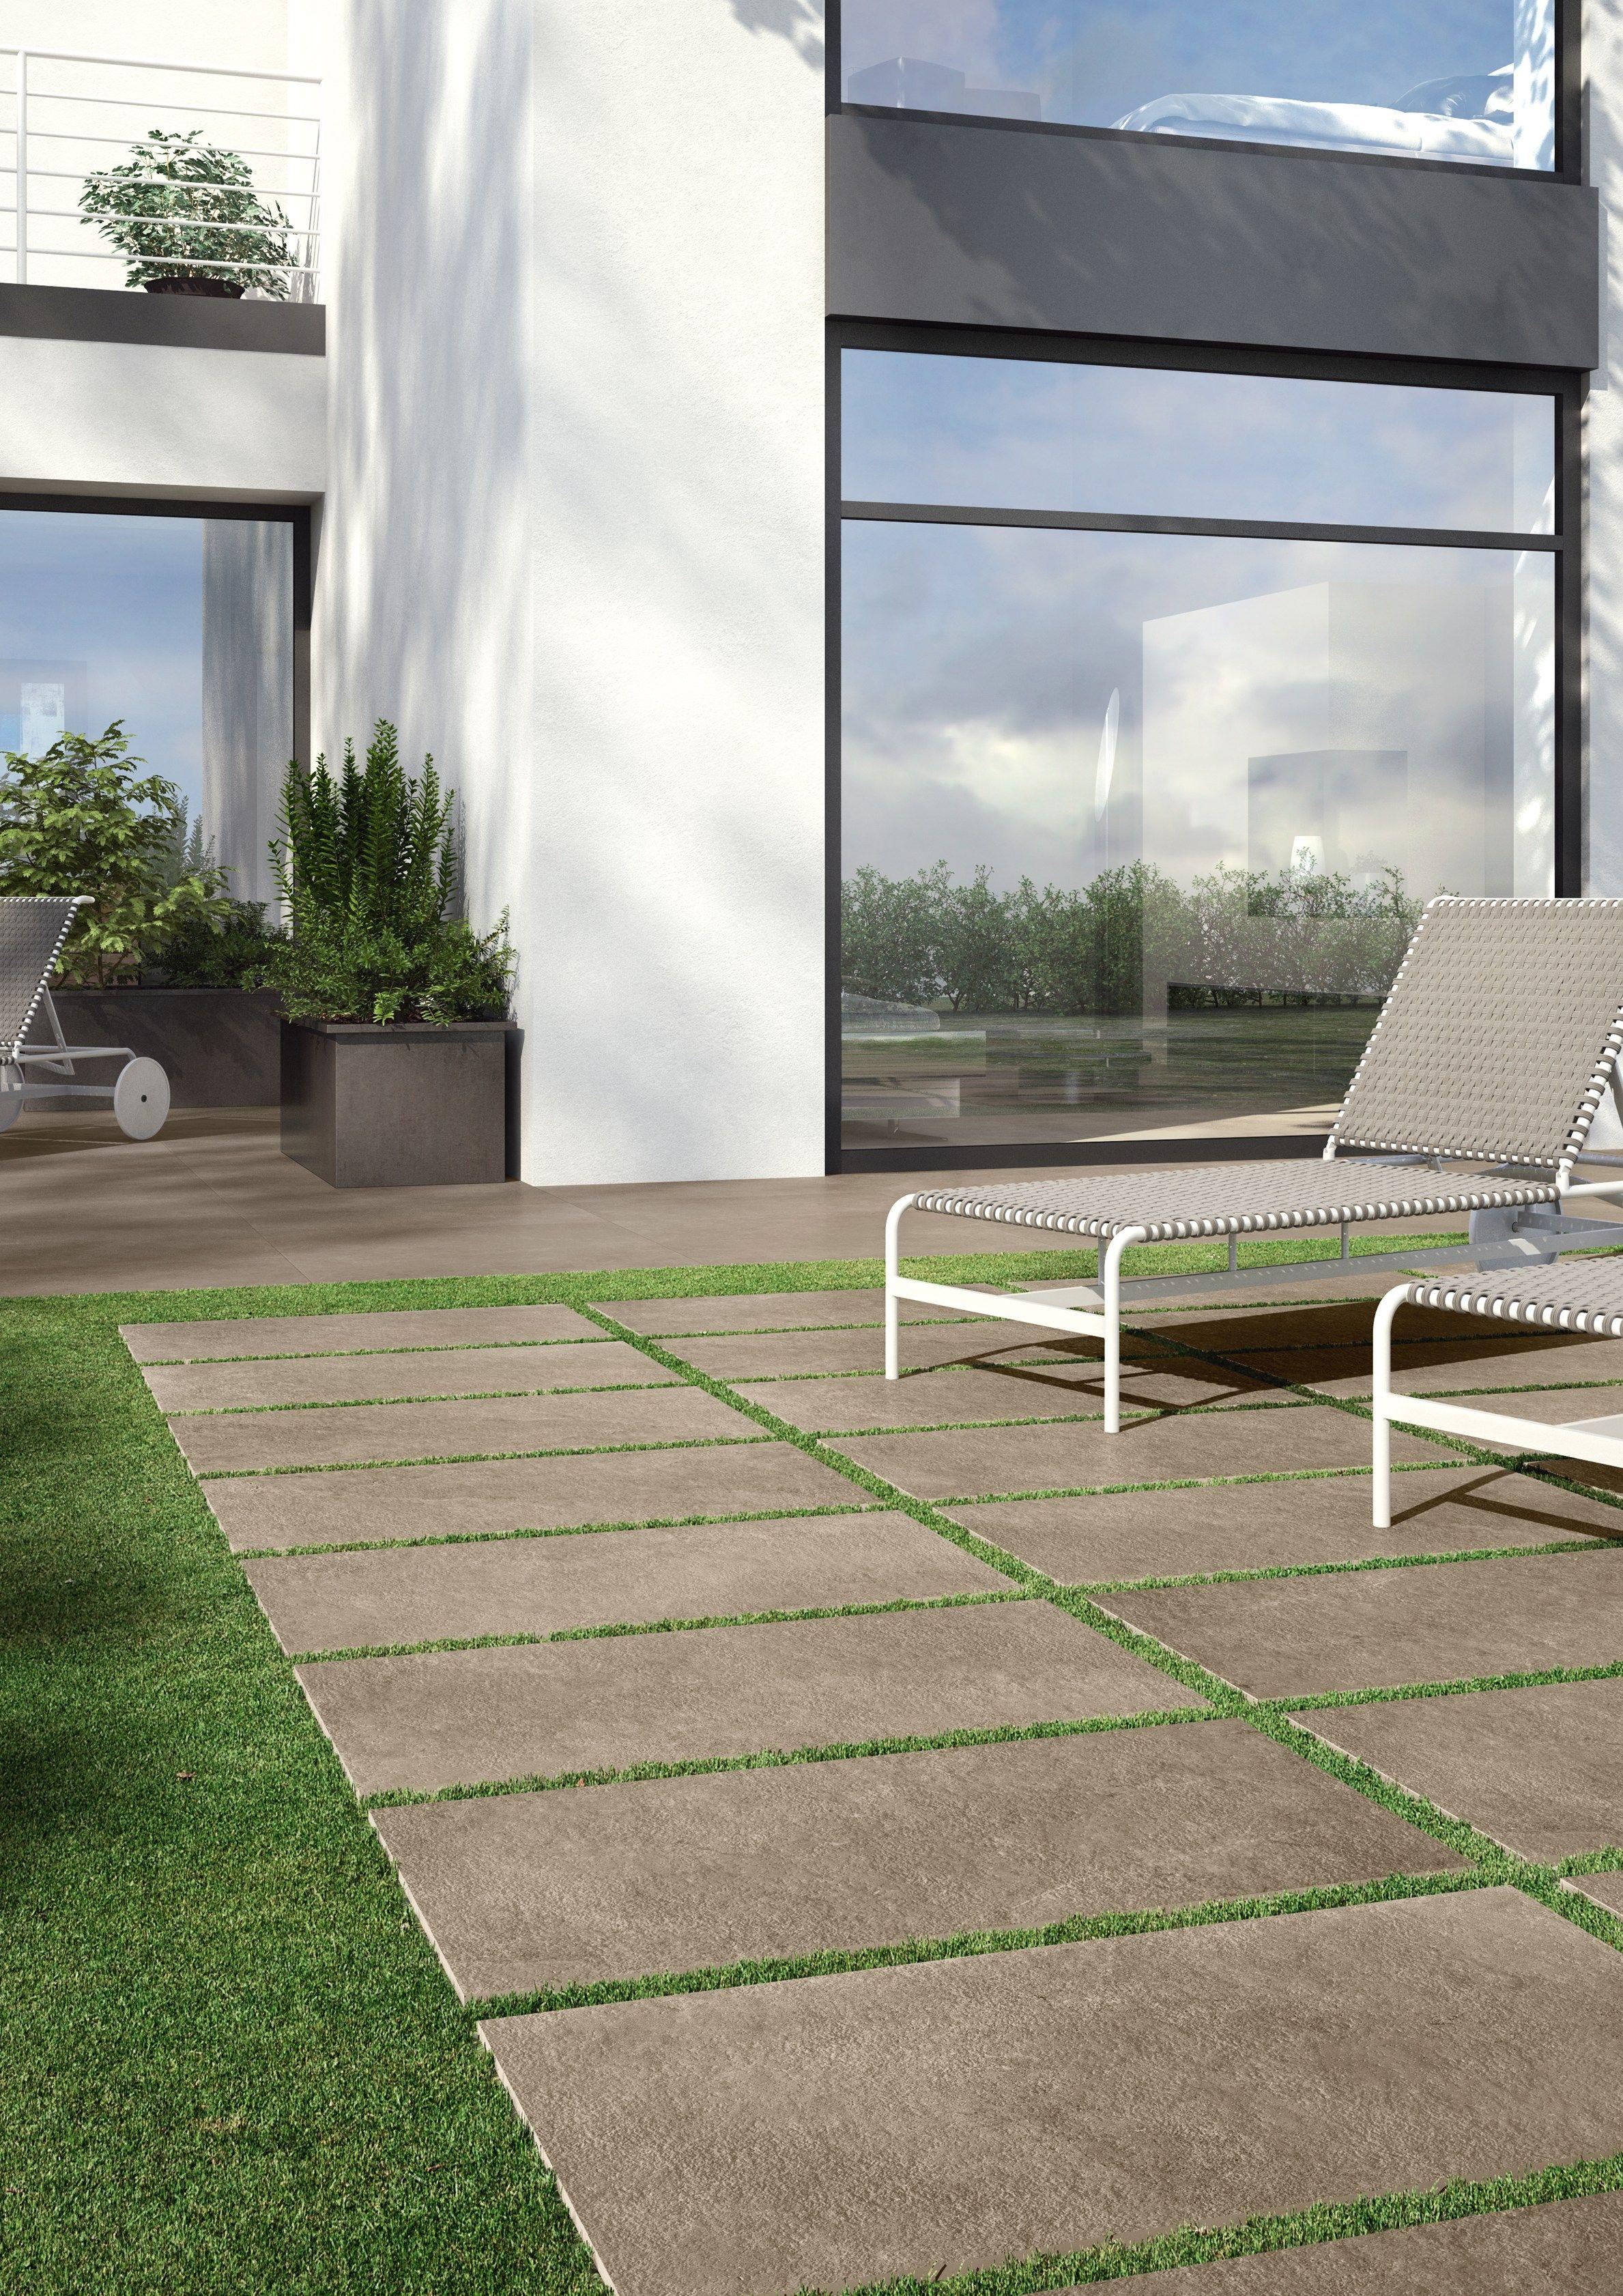 Pavimento para exteriores prime stone 20 mm cole o prime - Pavimentos para exteriores ...